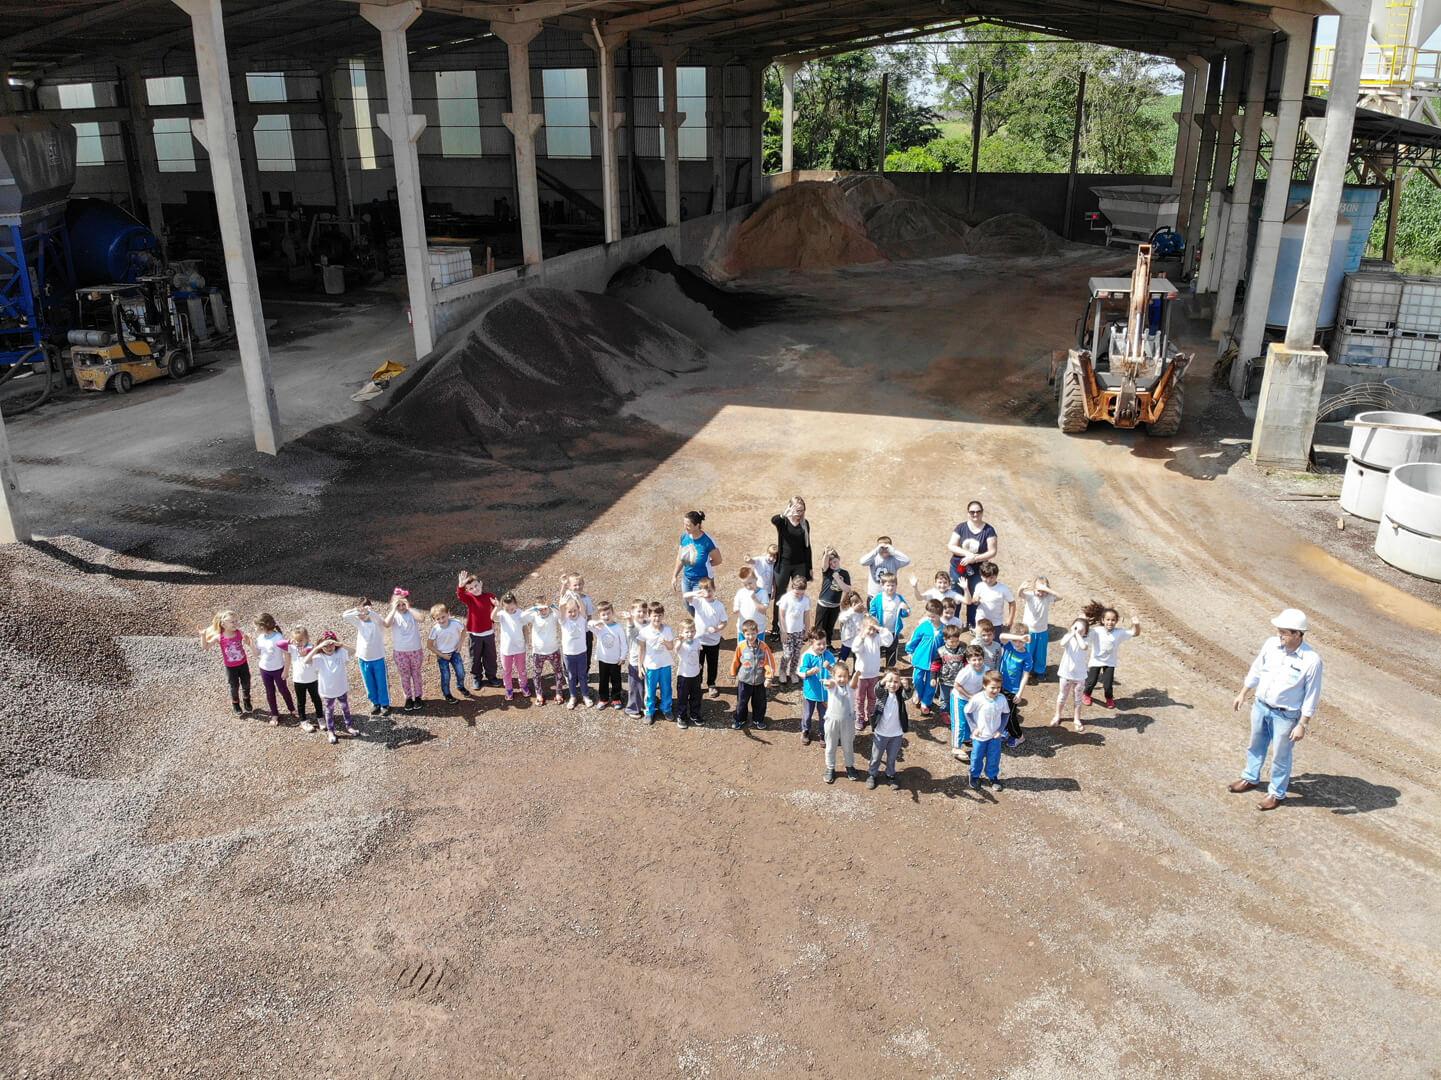 Visita das crianças do Pré-escolar  OS PEIXINHOS